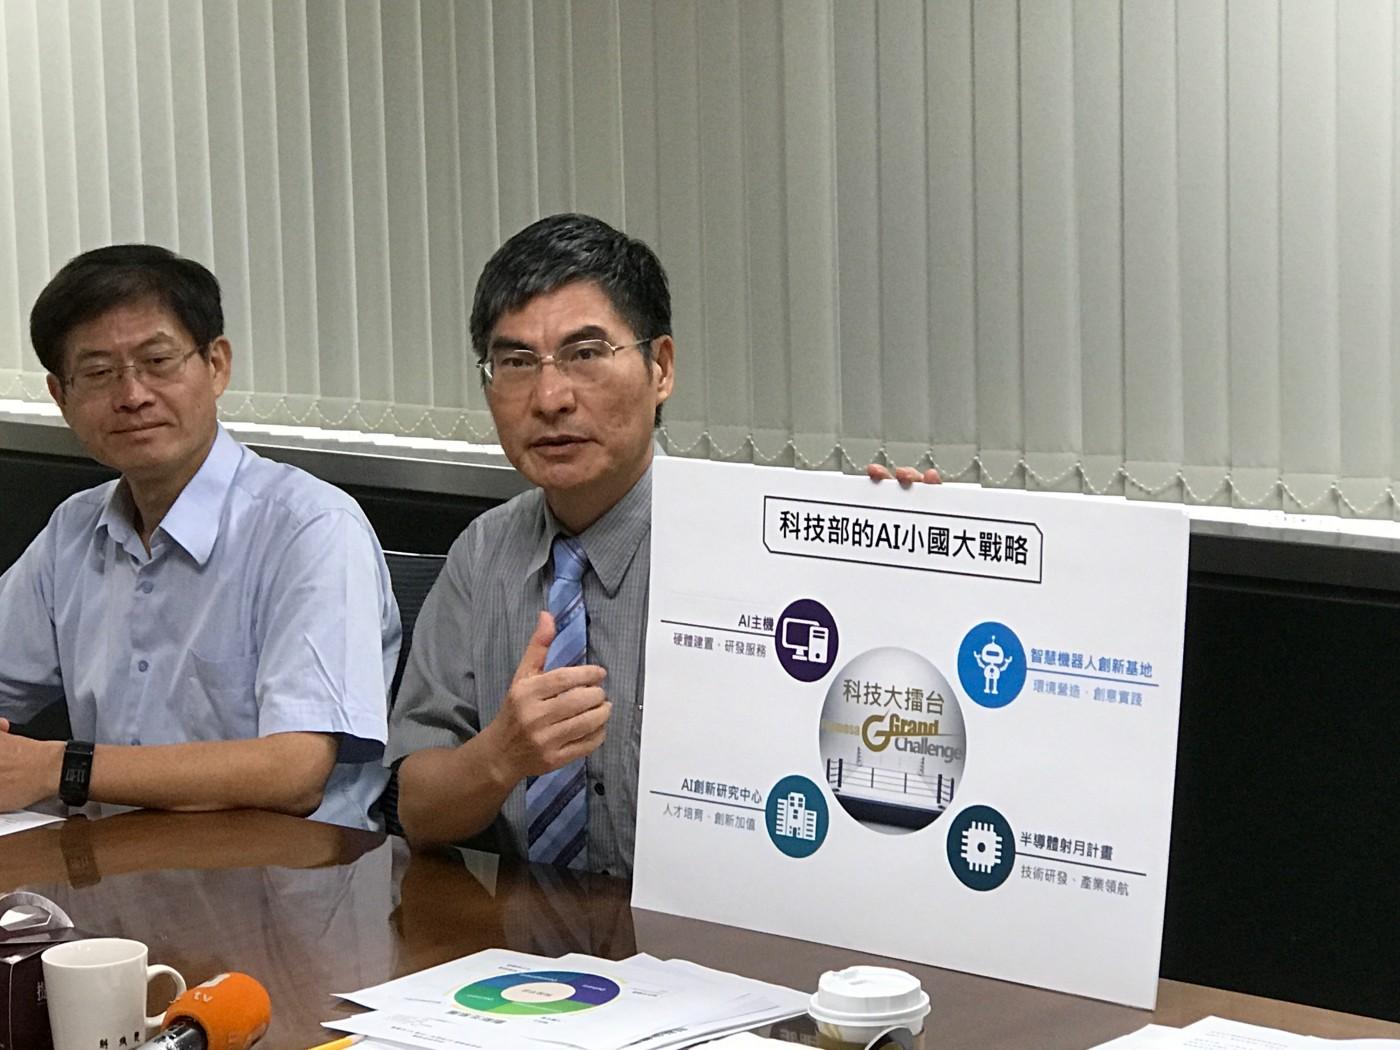 台灣能打造AI生態圈嗎?科技部規劃160億預算,推五大發展策略